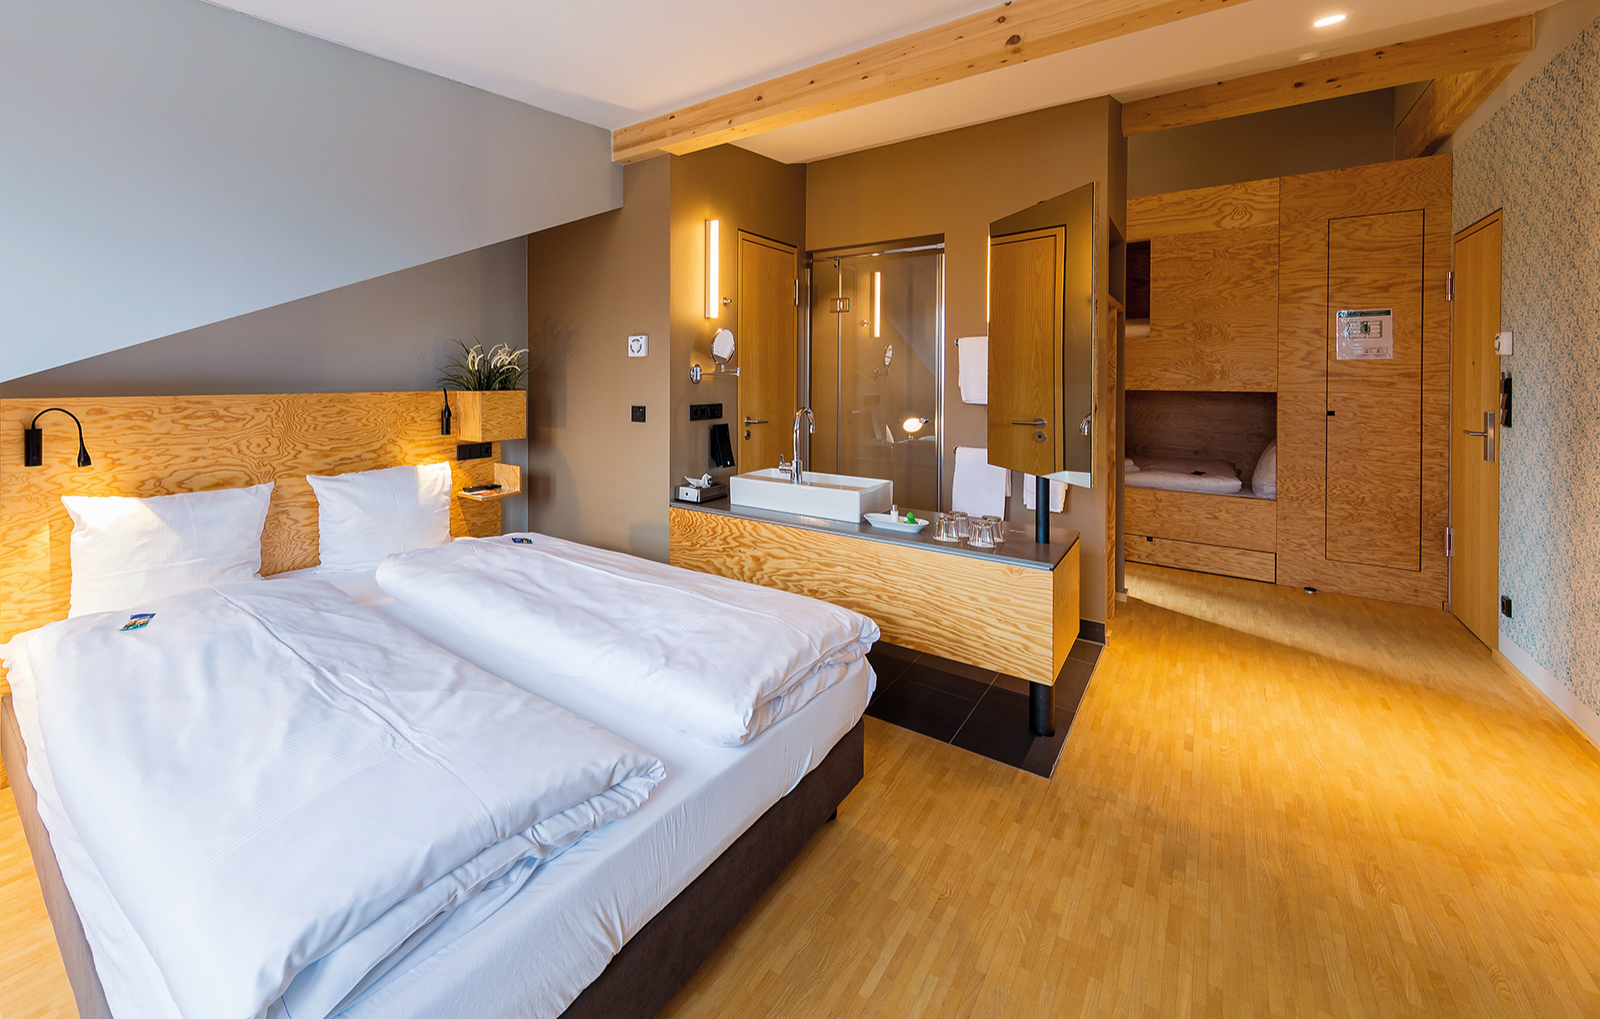 einfach-mal-urlaub-de-schlossparkhotel-mariakirchen-bg2